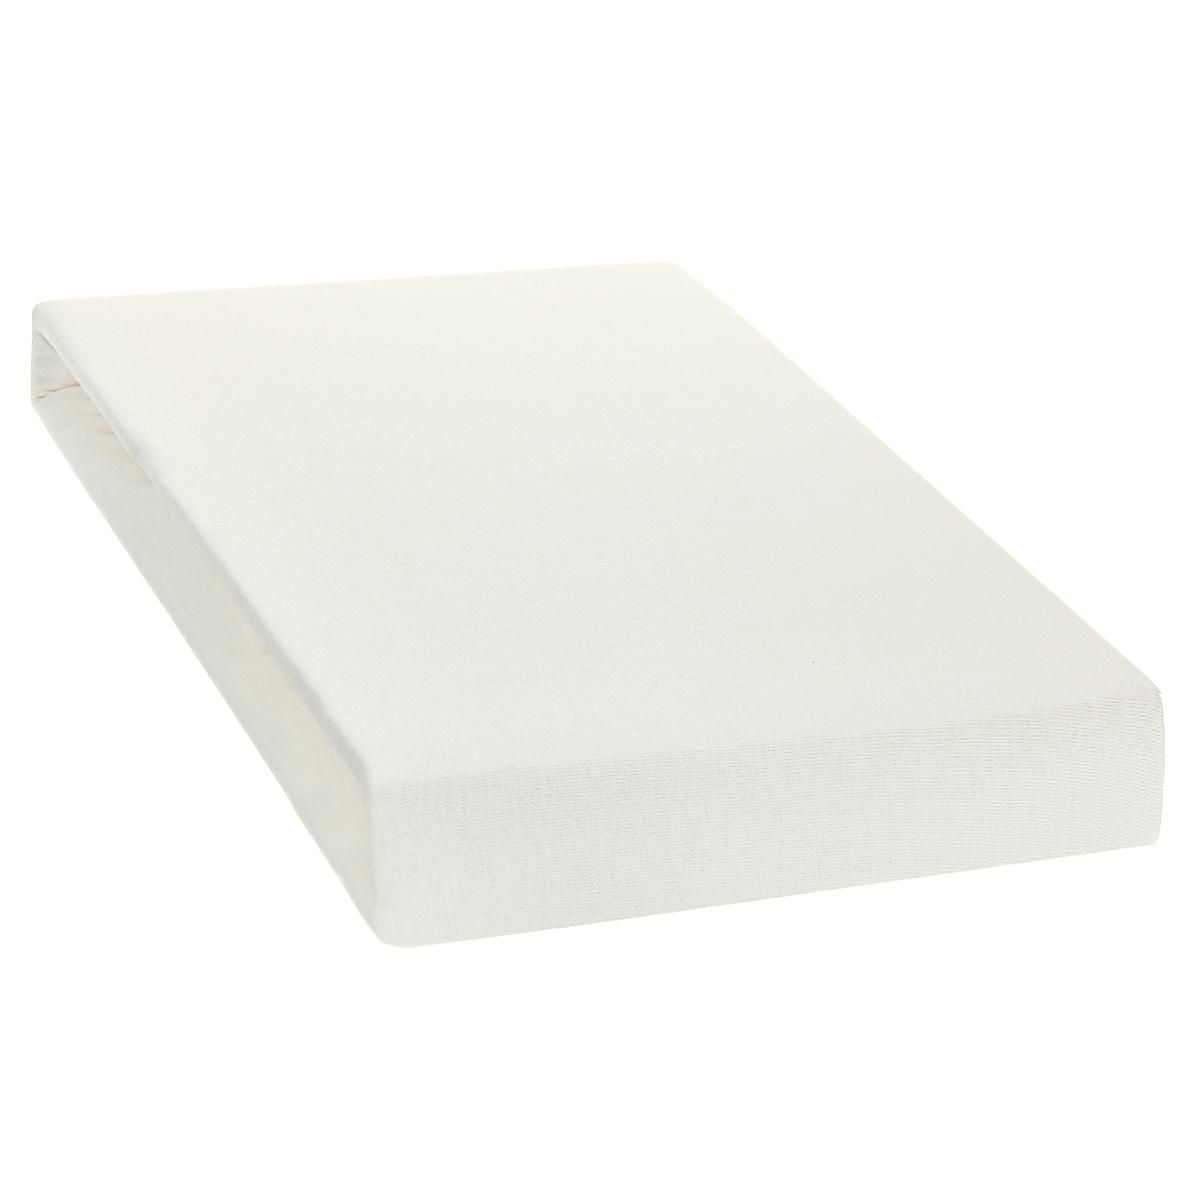 Простыня на резинке Tete-a-Tete, цвет: ваниль, 200 х 200 смU210DFОднотонная простыня на резинке Tete-a-Tete выполнена из натурального хлопка. Высочайшее качество материала гарантирует безопасность не только взрослых, но и самых маленьких членов семьи. Простыня гармонично впишется в интерьер вашего дома и создаст атмосферу уюта и комфорта.Особенности коллекции Tete-a-Tete:- выдерживает более 100 стирок практически без изменения внешнего вида,- модные цвета и стойкие оттенки,- минимальная усадка,- надежные резинки и износостойкая ткань,- безупречное качество,- гиппоаллергенно.Коллекция Tete-a-Tete специально создана для практичных людей, которые ценят качество и долговечность вещей, окружают своих близких теплотой и заботой.